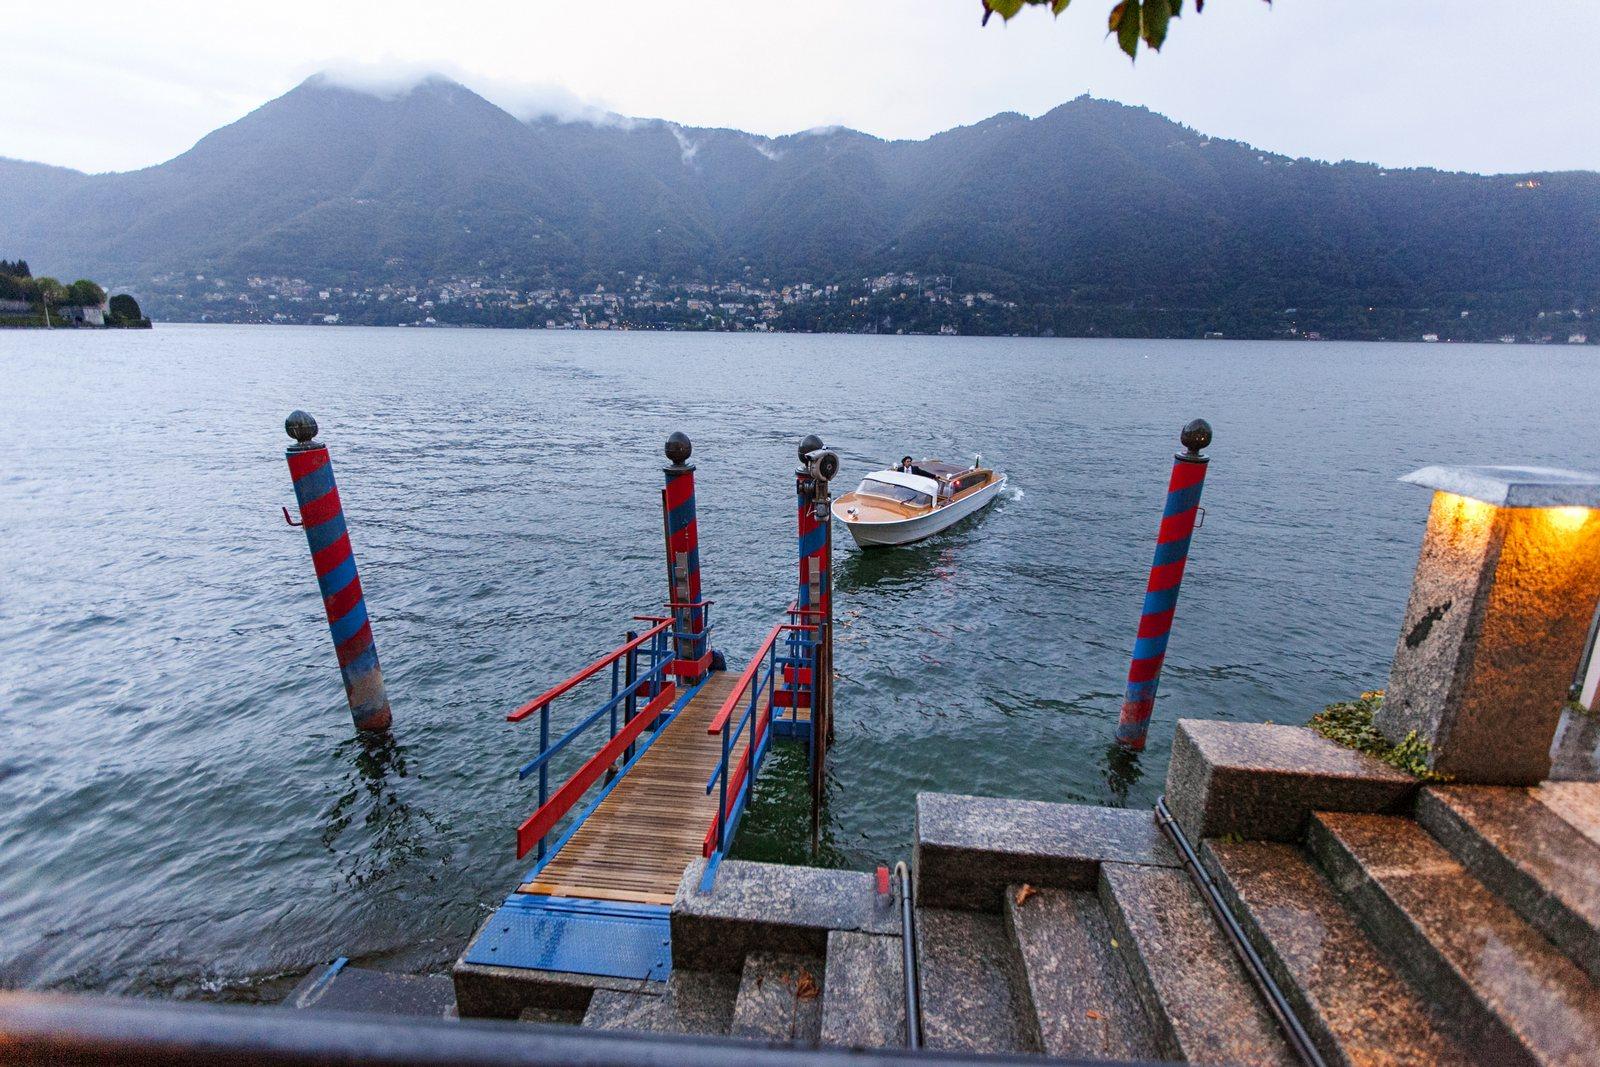 wedding boat transportation in villa d'este